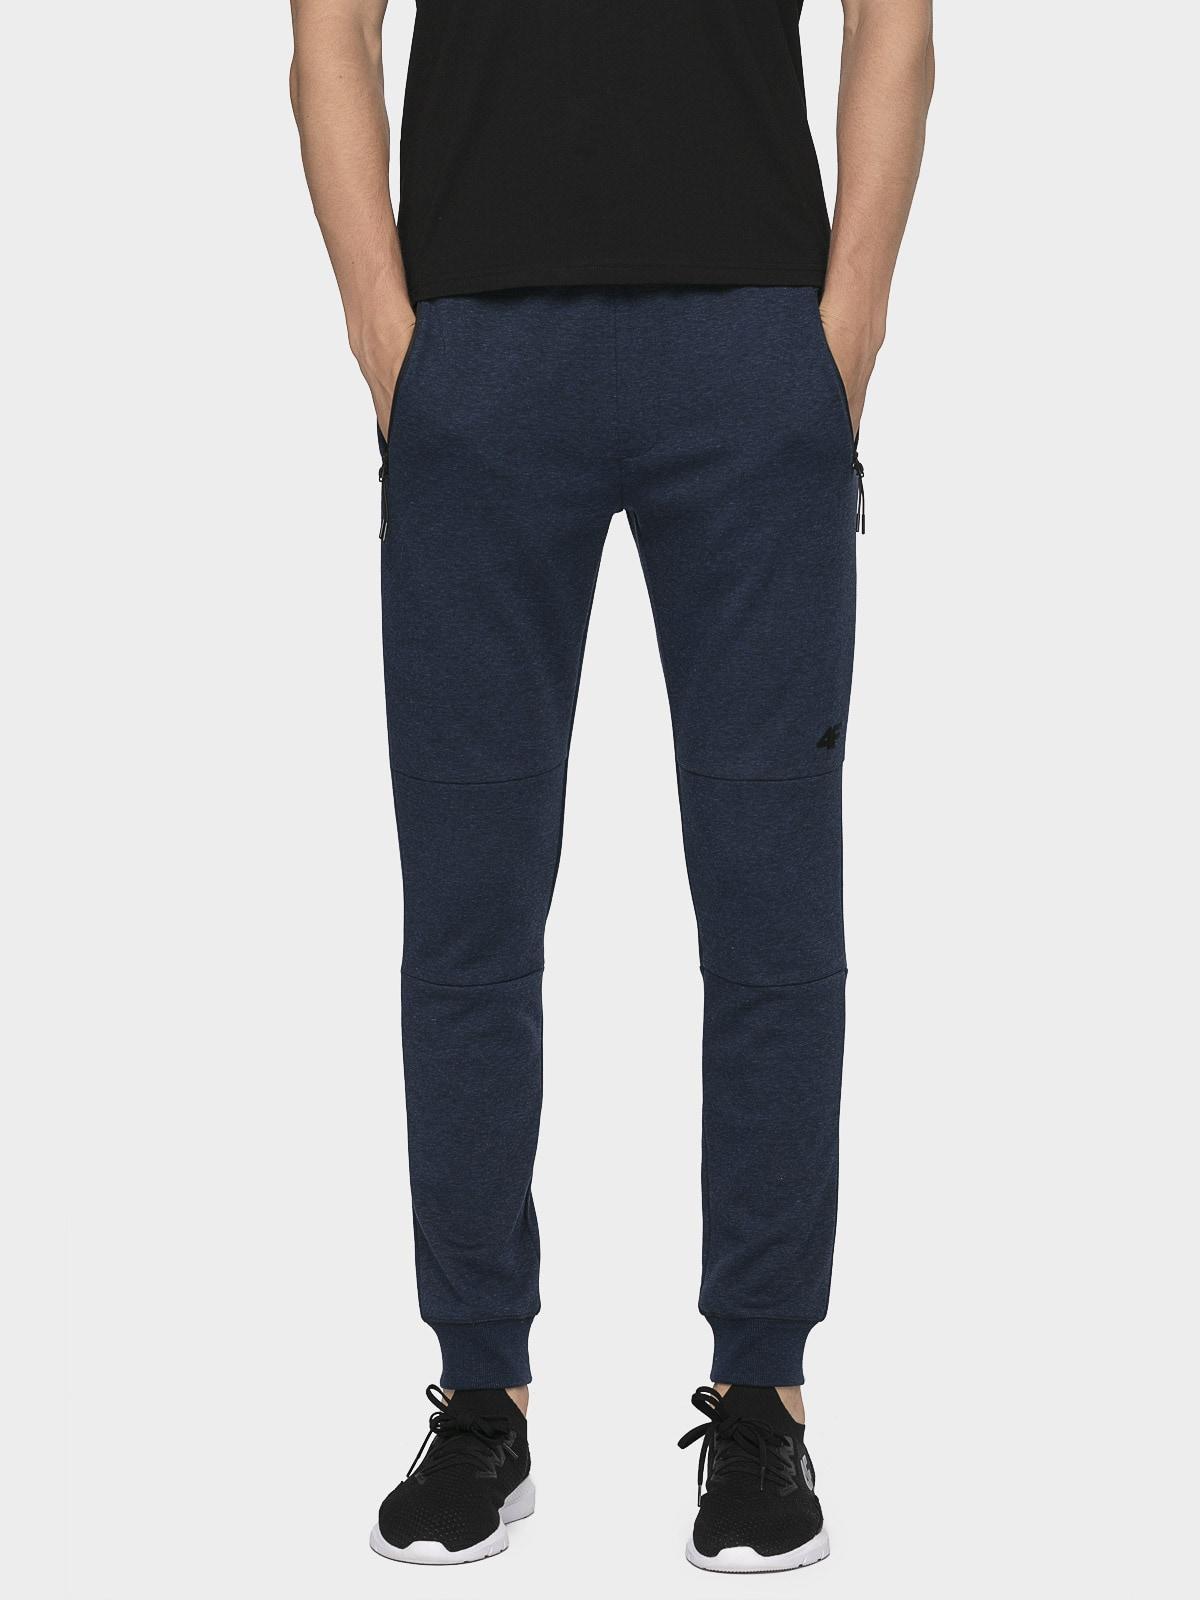 Pantaloni de molton pentru bărbați SPMD003 - bleumarin închis melanj